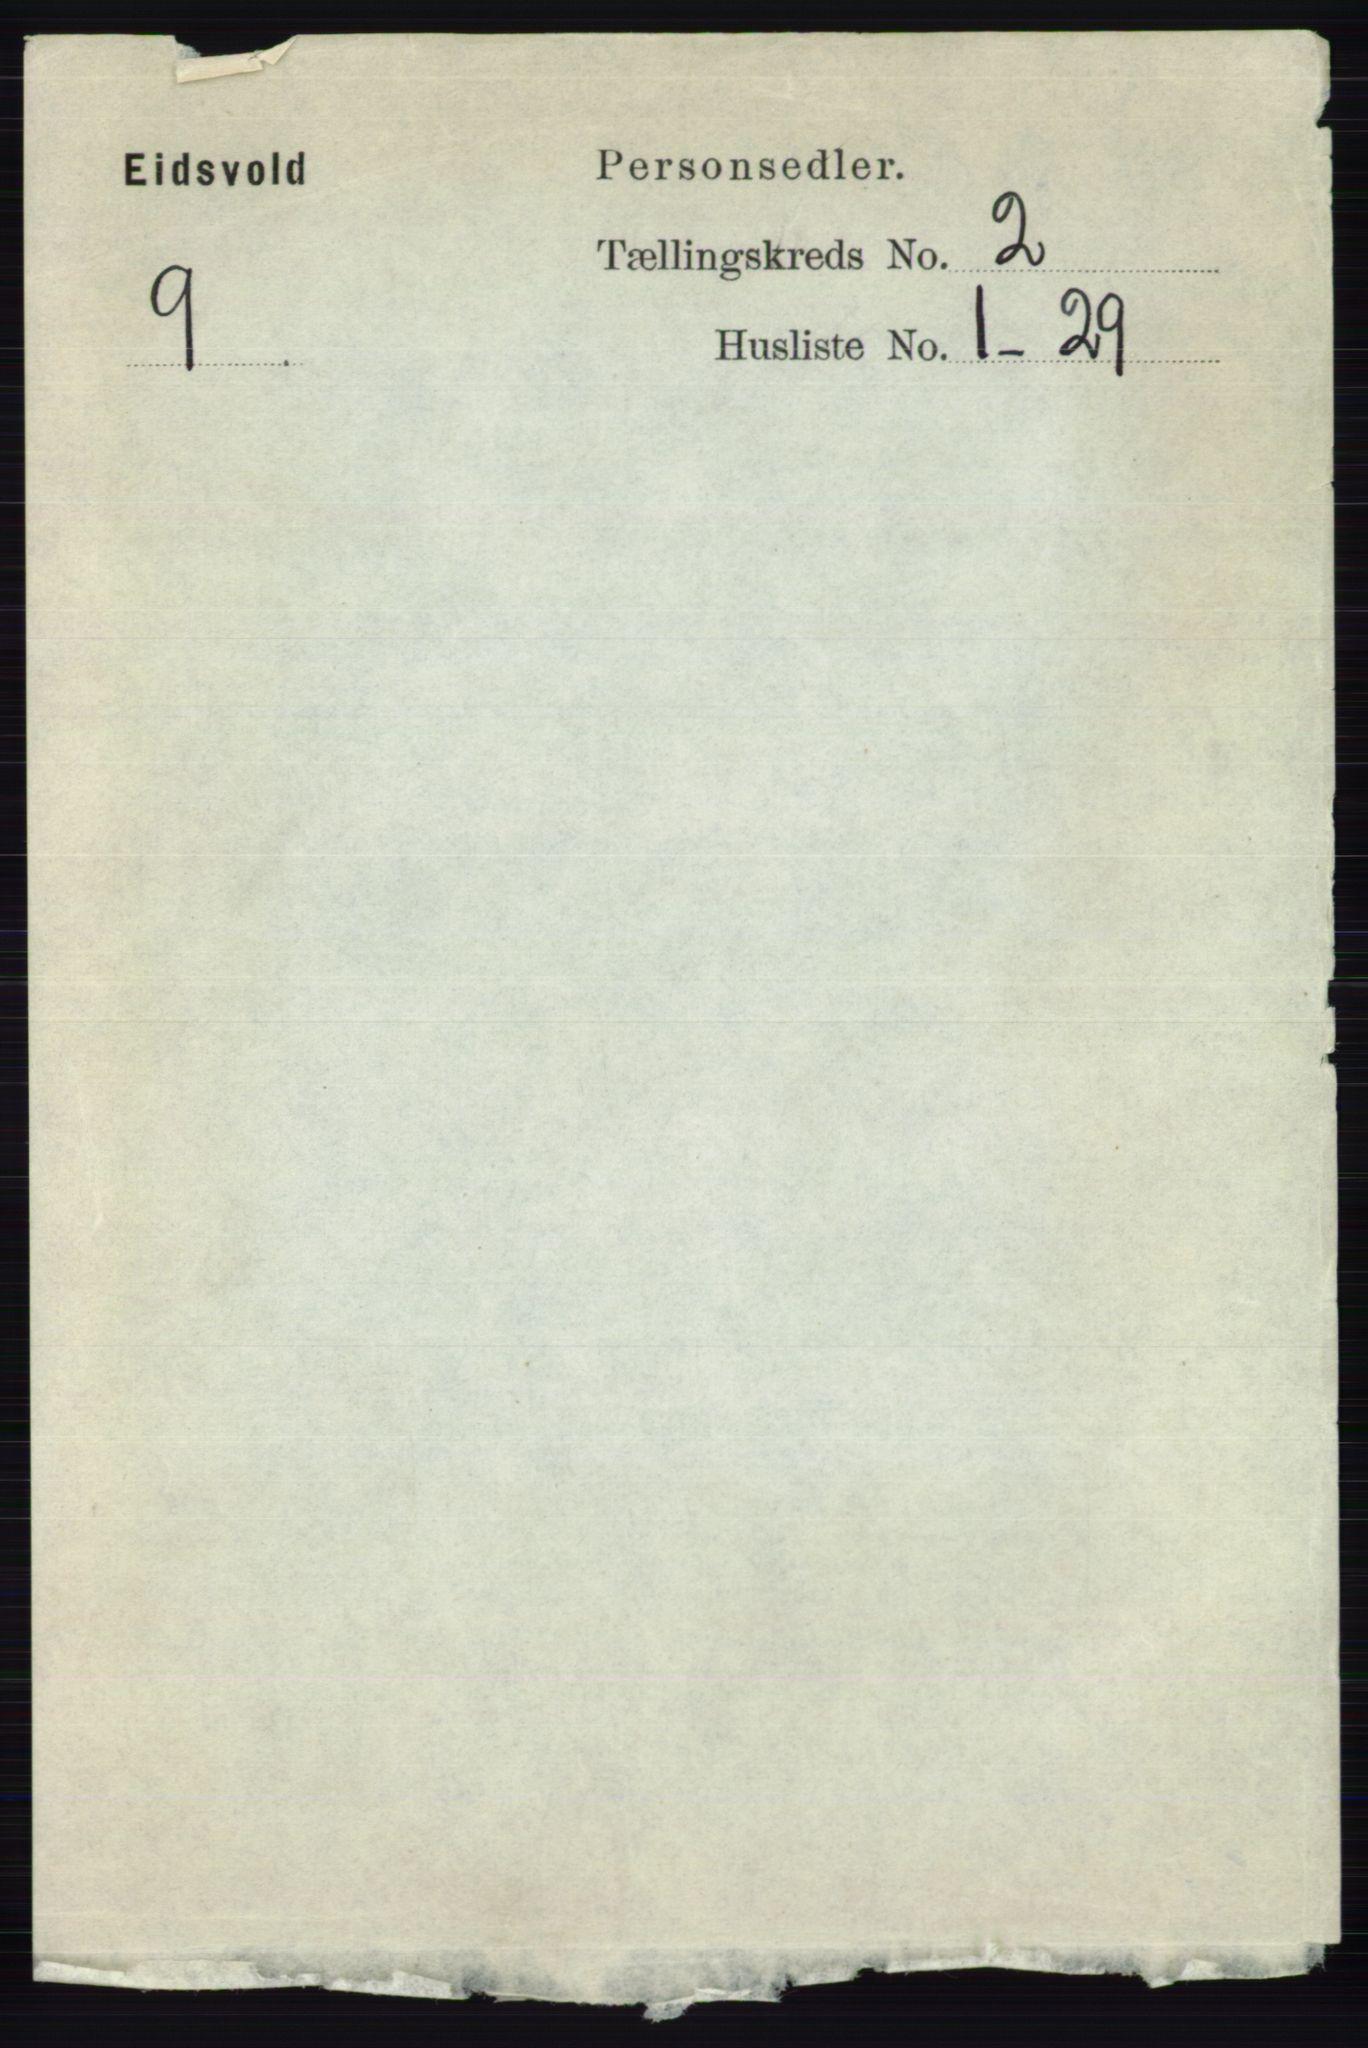 RA, Folketelling 1891 for 0237 Eidsvoll herred, 1891, s. 1177